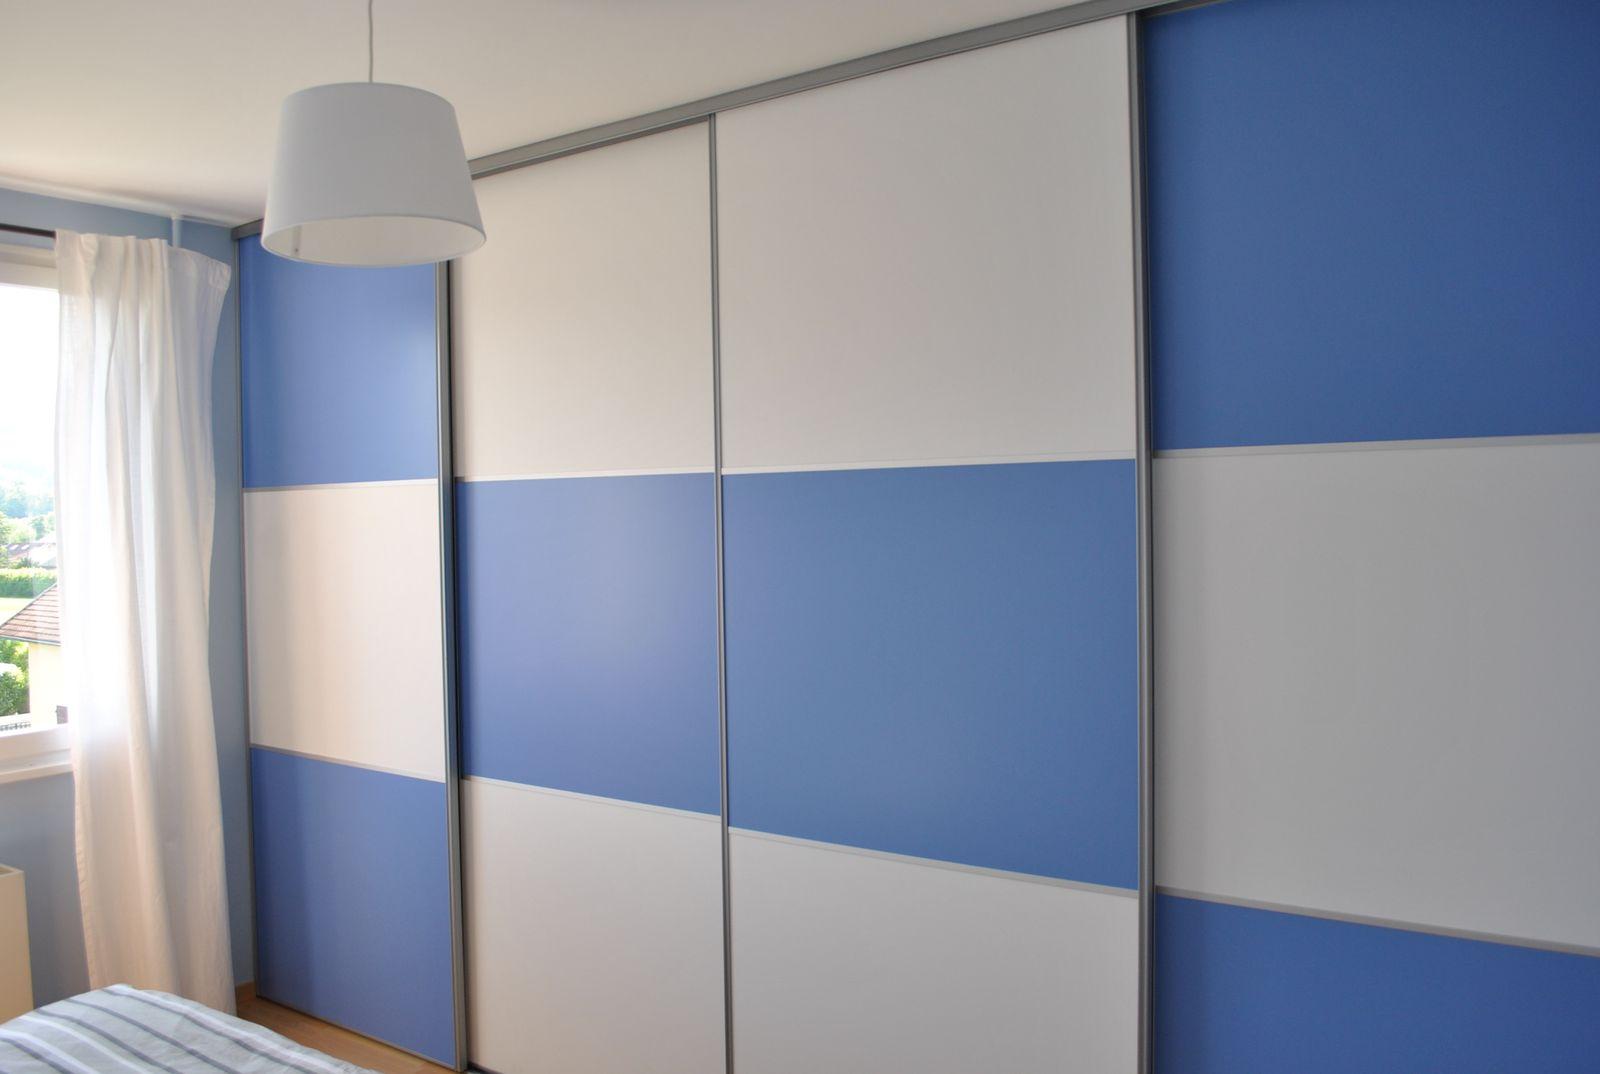 Comment Peindre Une Porte En Pvc portes de placard coulissantes à peindre - les petits